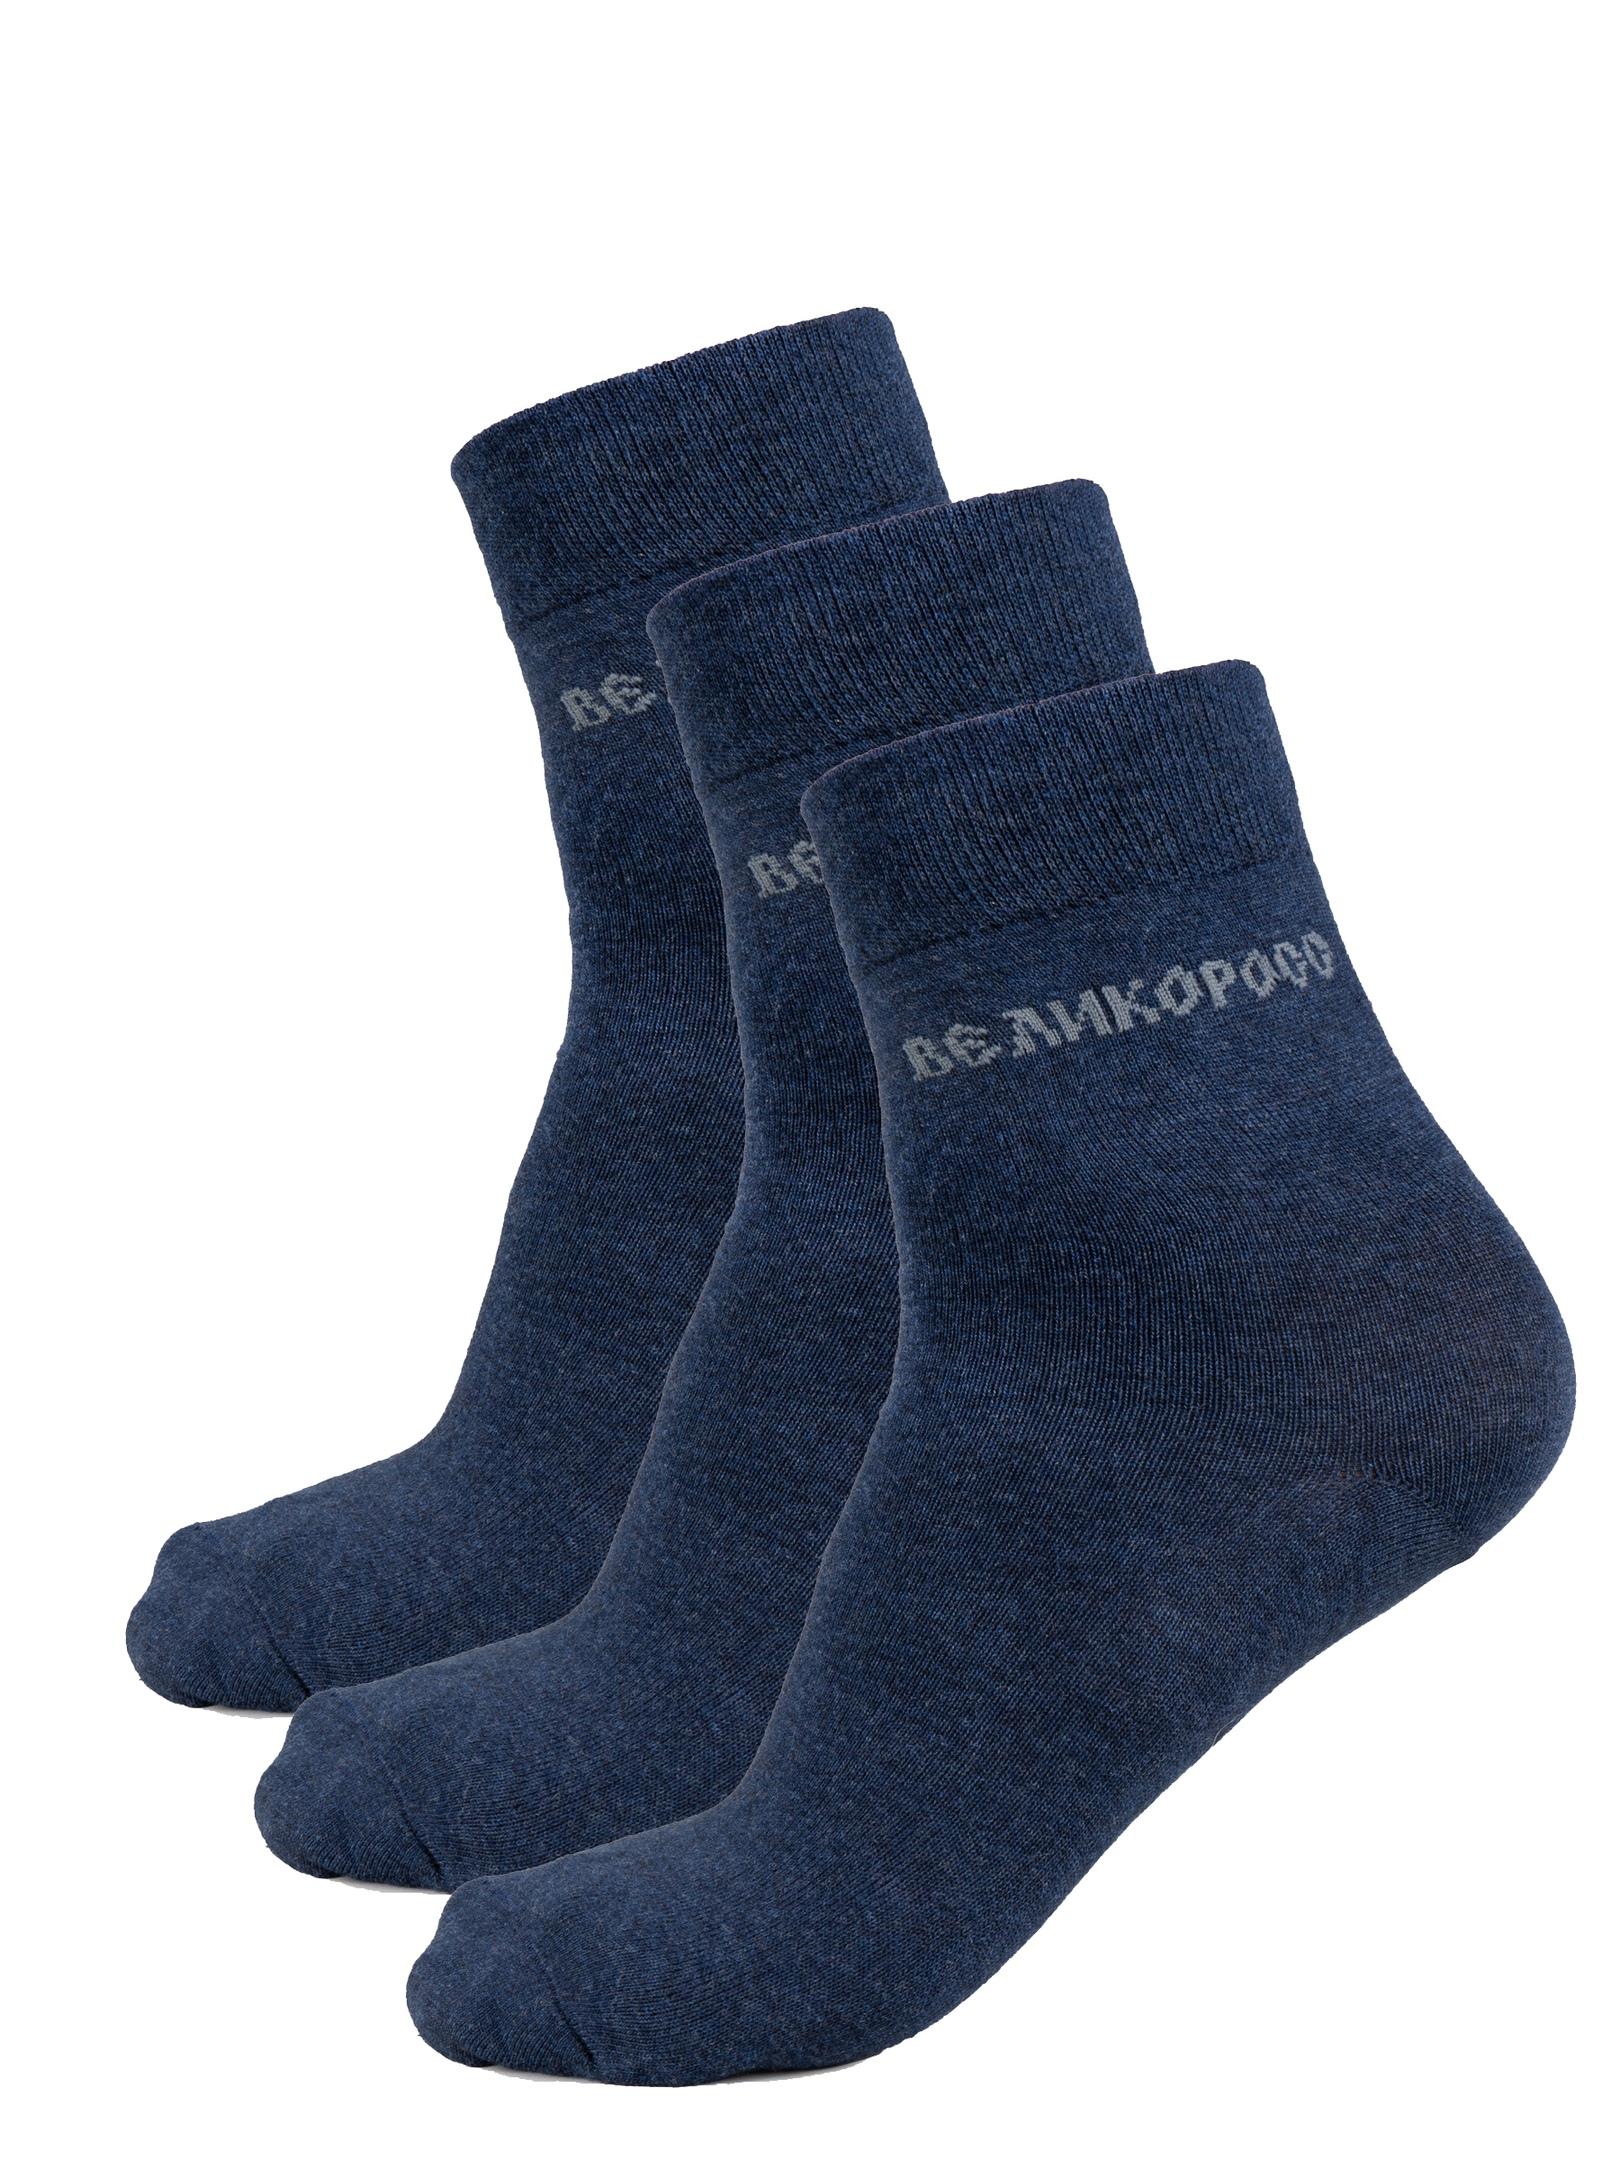 Набор носков Великоросс NN3568 синий 41-44